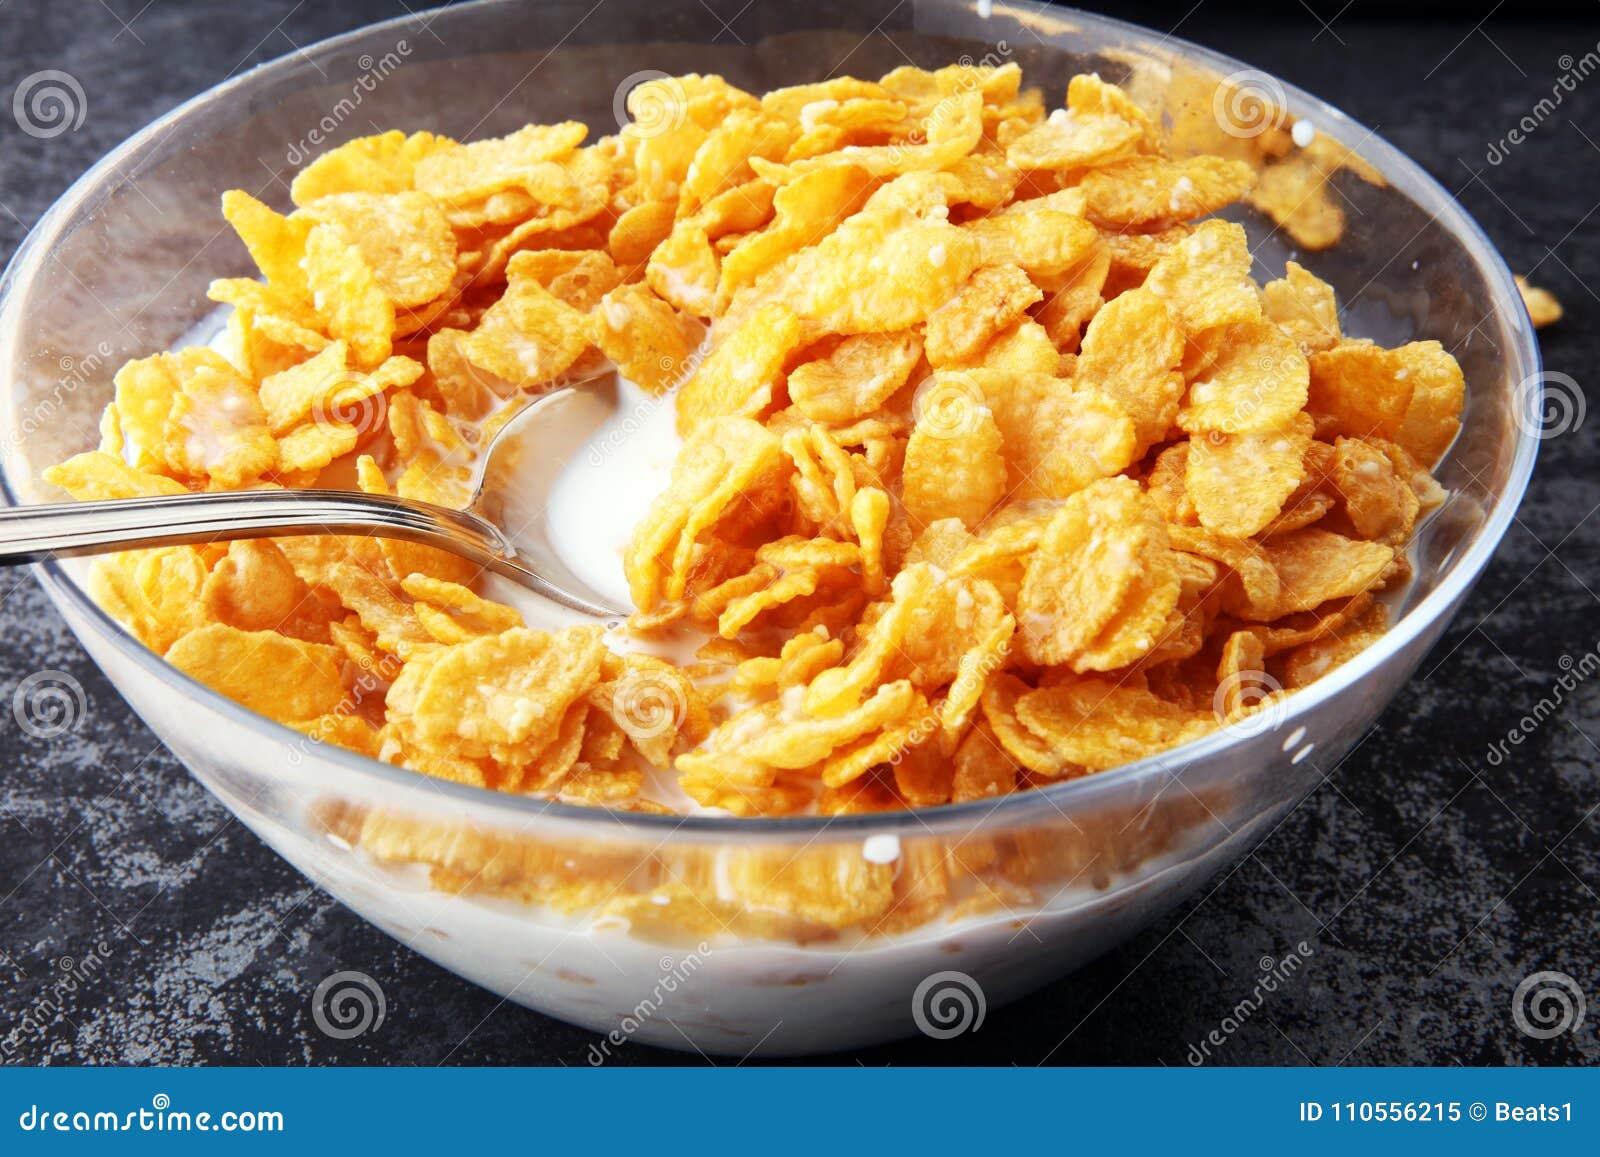 Copos de ma z cereal y leche en un bol de vidrio desayuno - Bol de vidrio ...